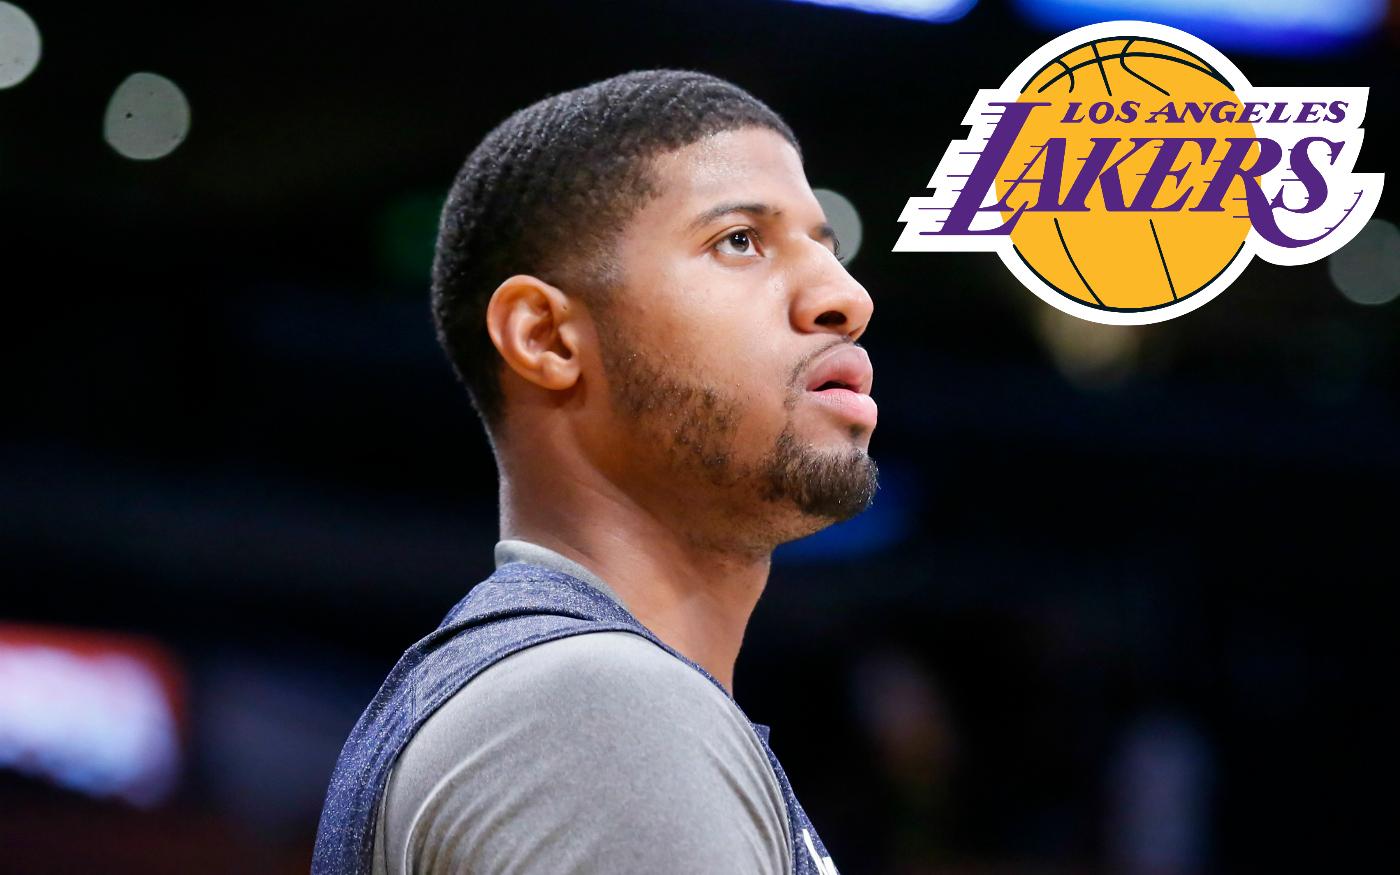 Magic et les Lakers veulent ramener deux stars à L.A.